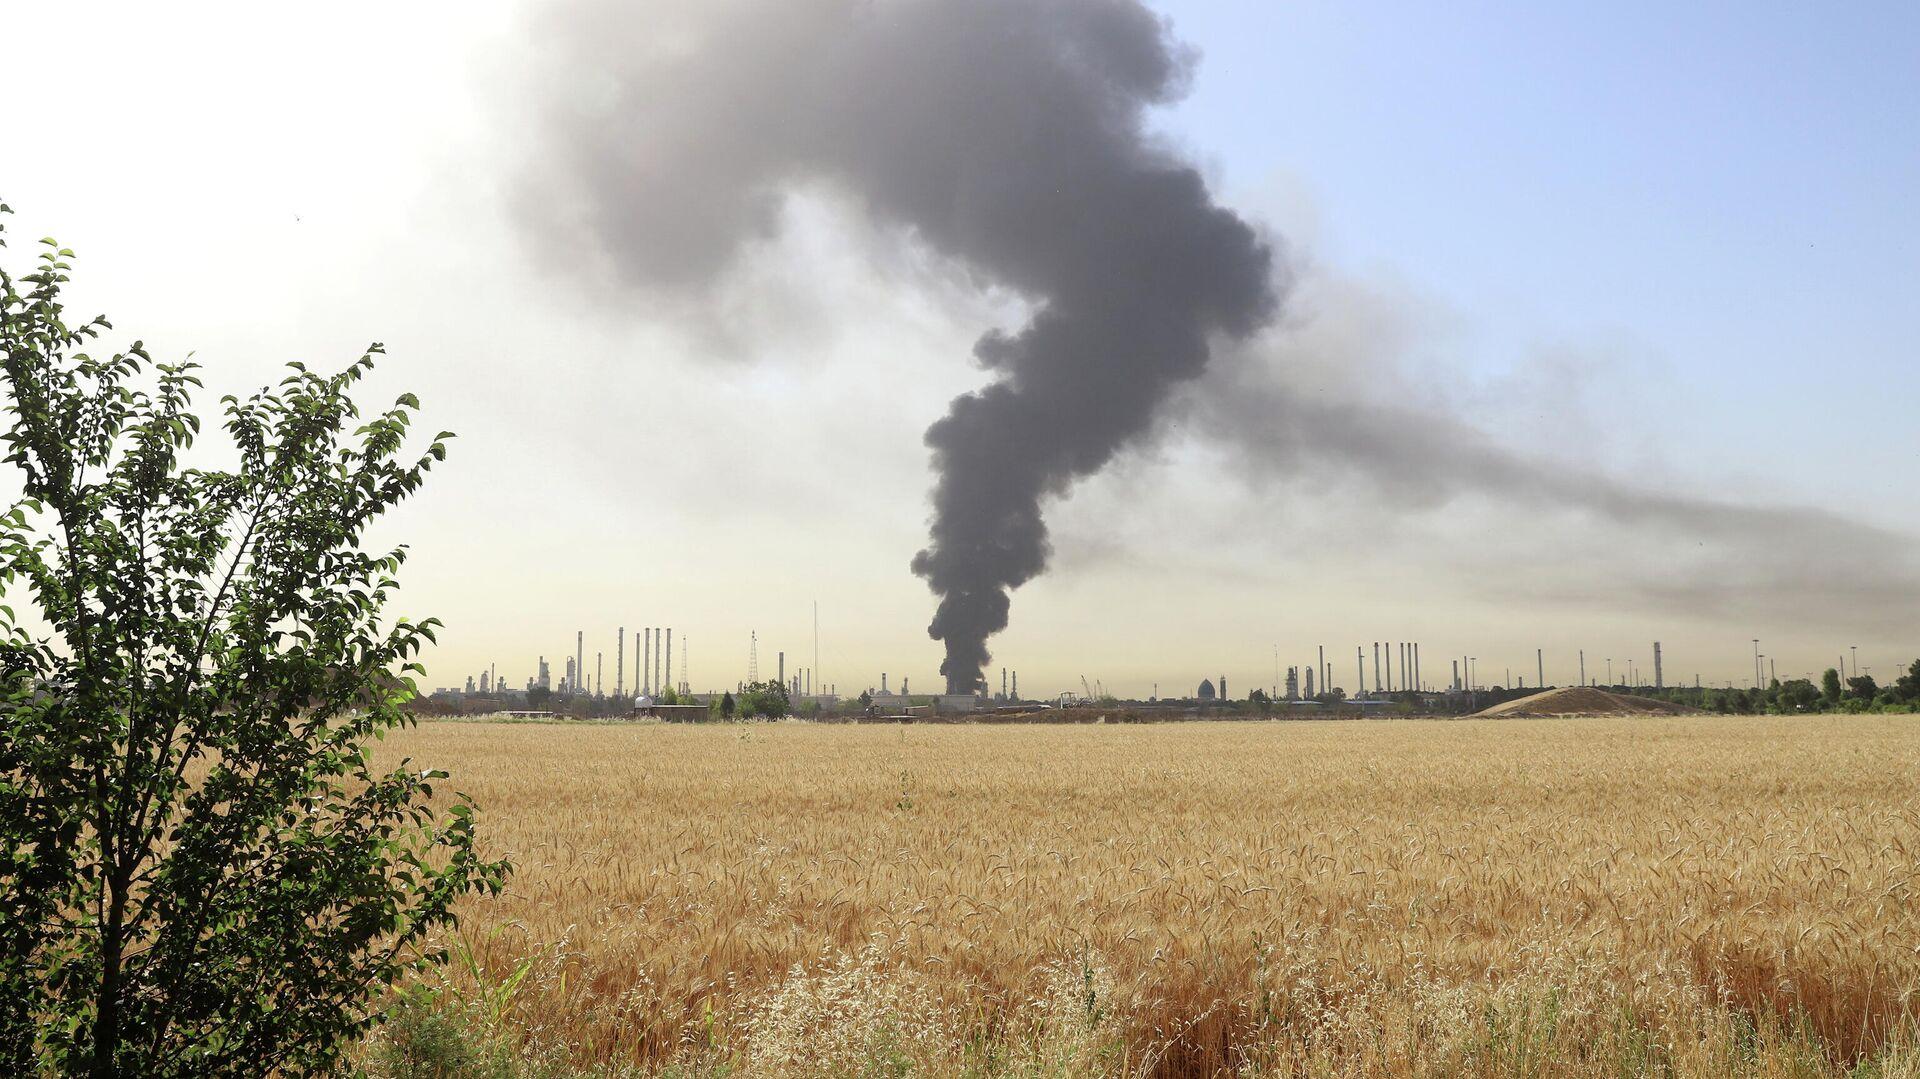 Incendio en una refinería en Teherán - Sputnik Mundo, 1920, 04.06.2021